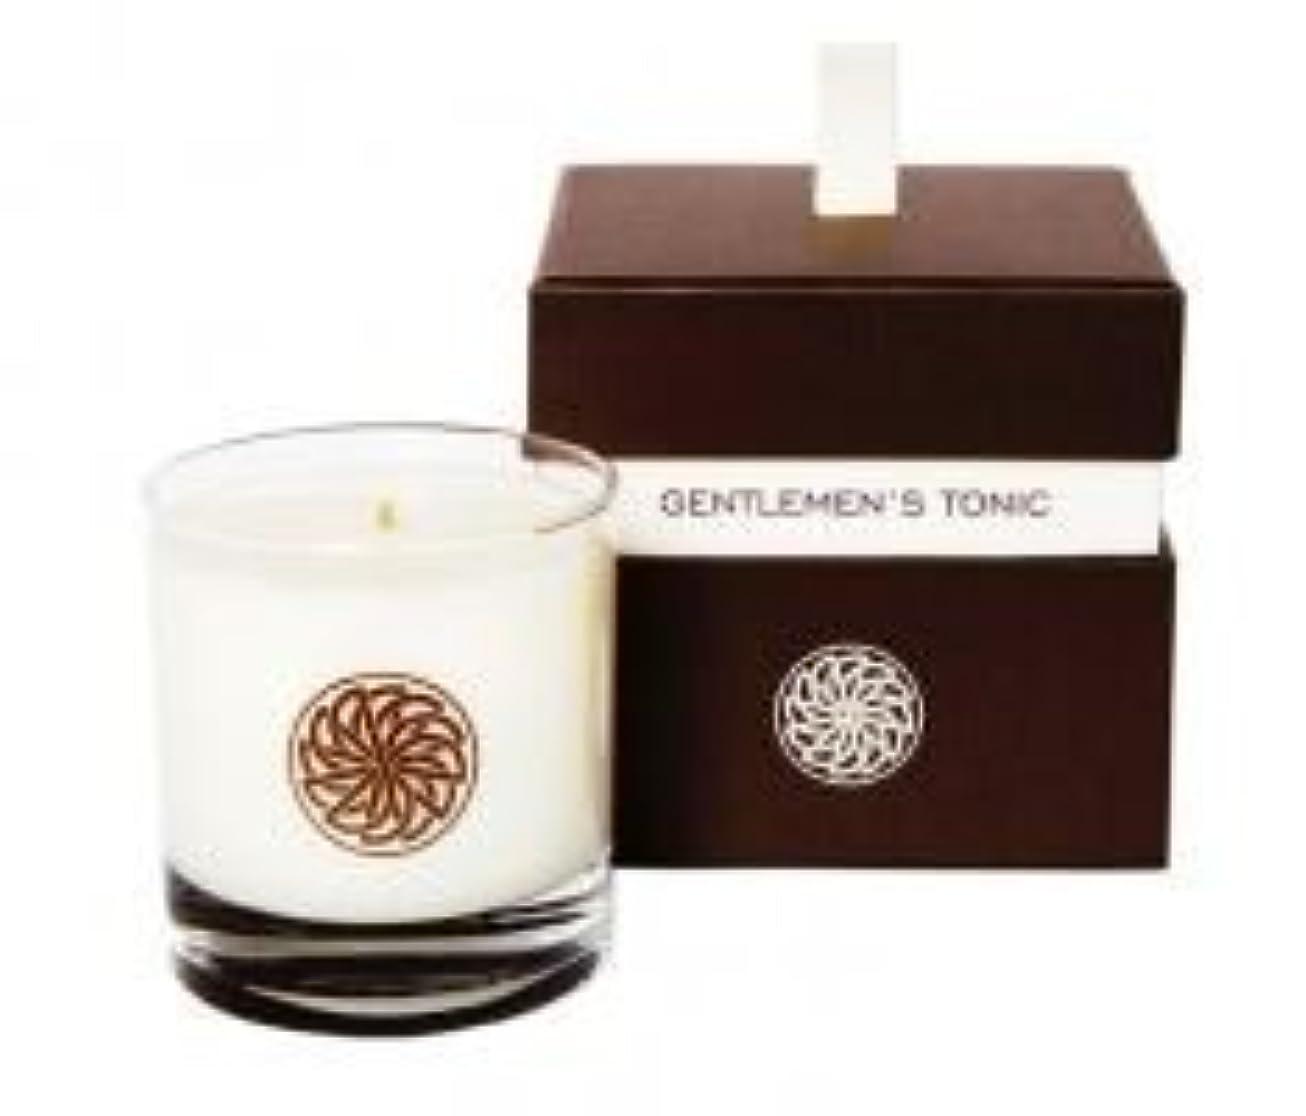 小石兵器庫お別れGentlemen's Tonic ジェントルメンズトニック Gift Candle Box (ギフトキャンドルボックス) 300g